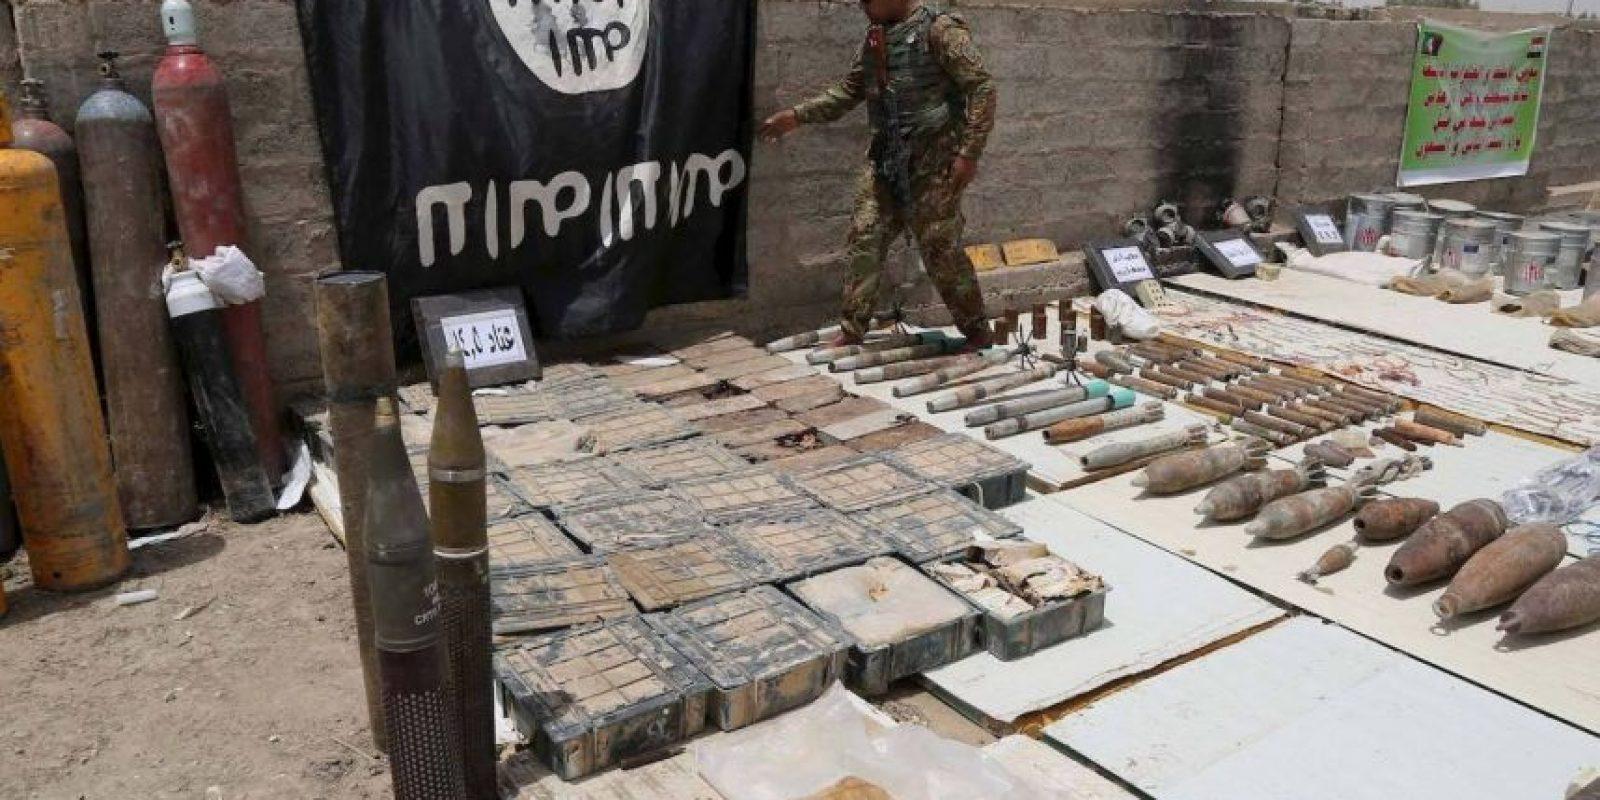 Posiblemente suceda debido a que el grupo terrorista se esta quedando sin municiones. Foto:Getty Images